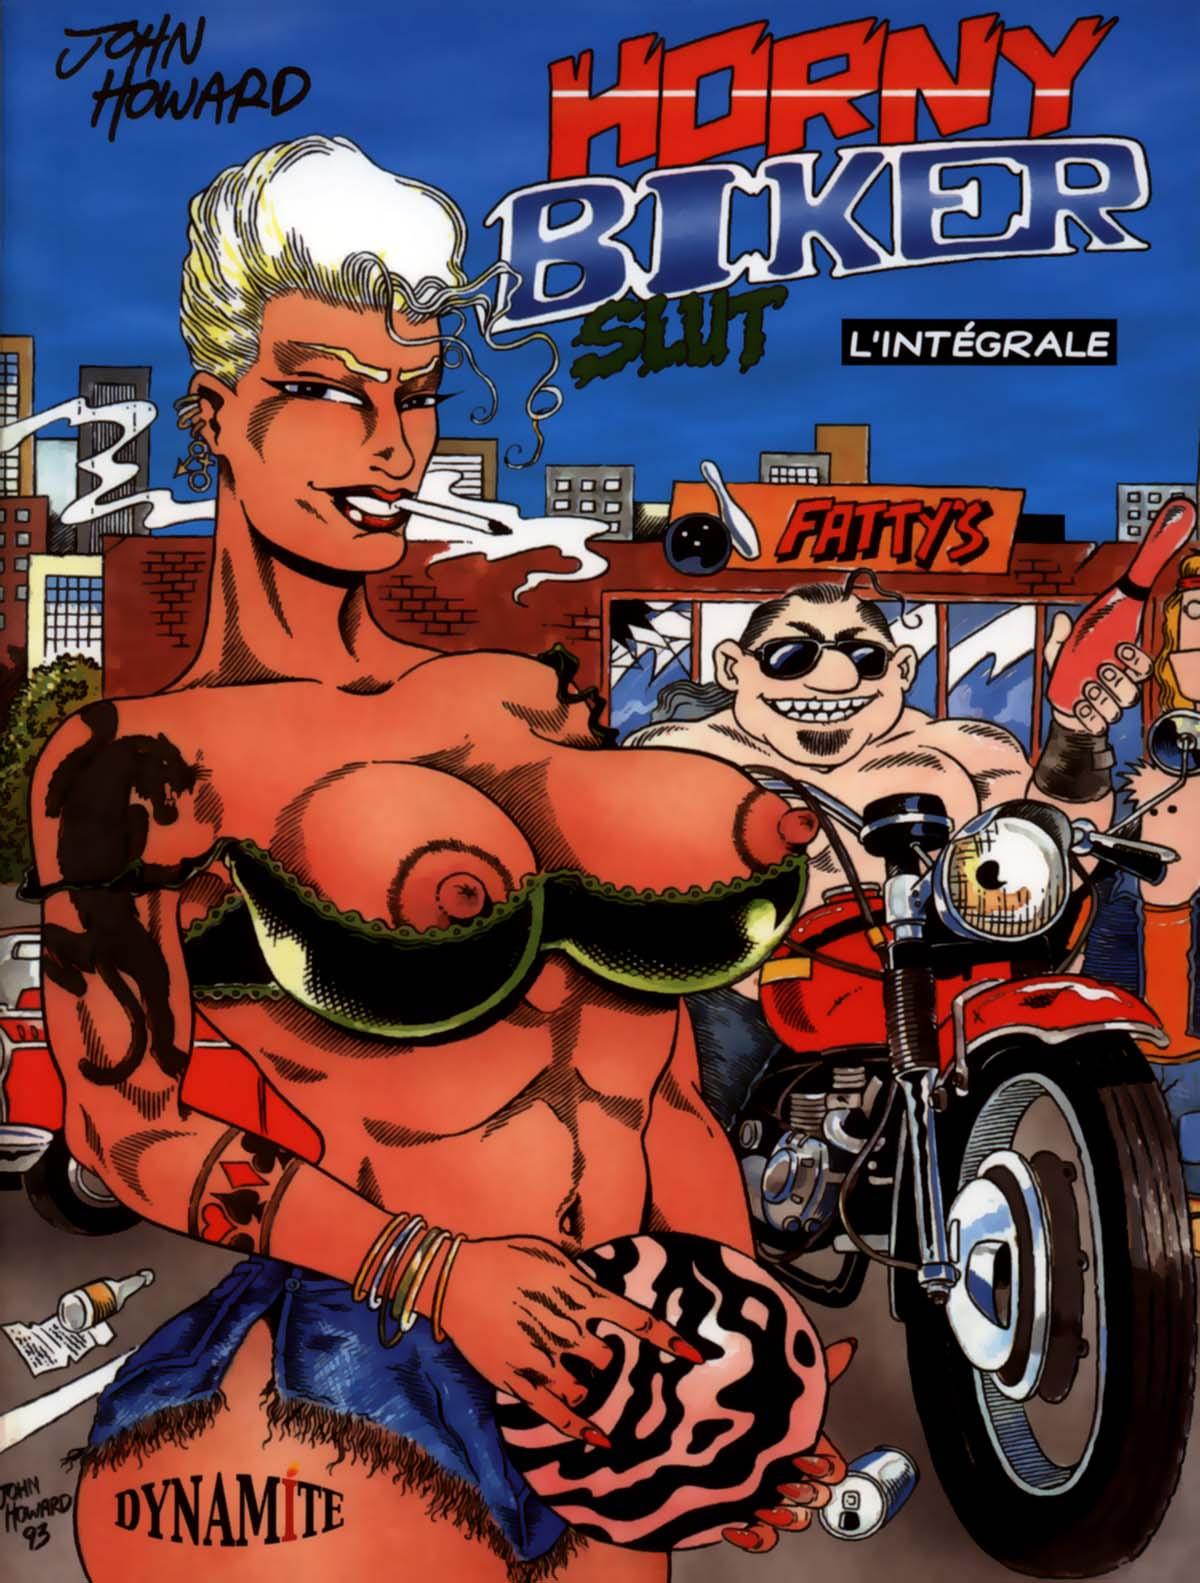 Horny biker slut comics other